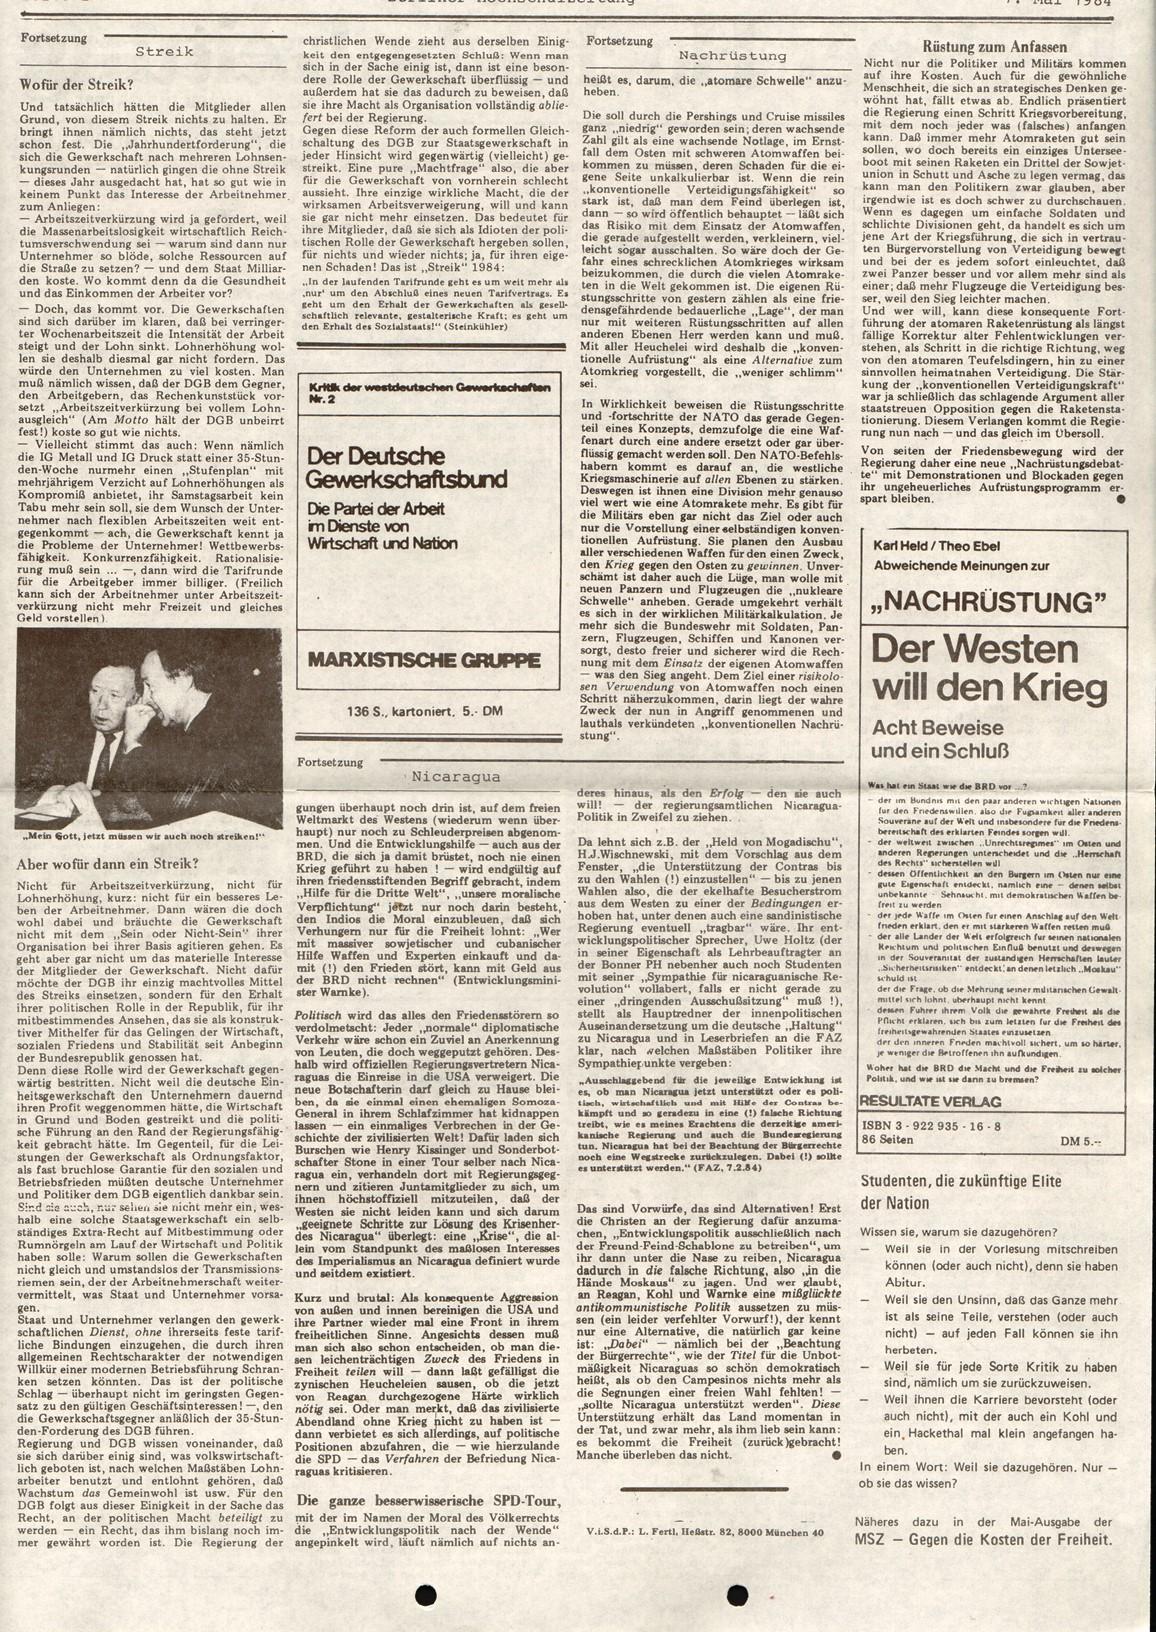 Berlin_MG_Hochschulzeitung_19840507_02